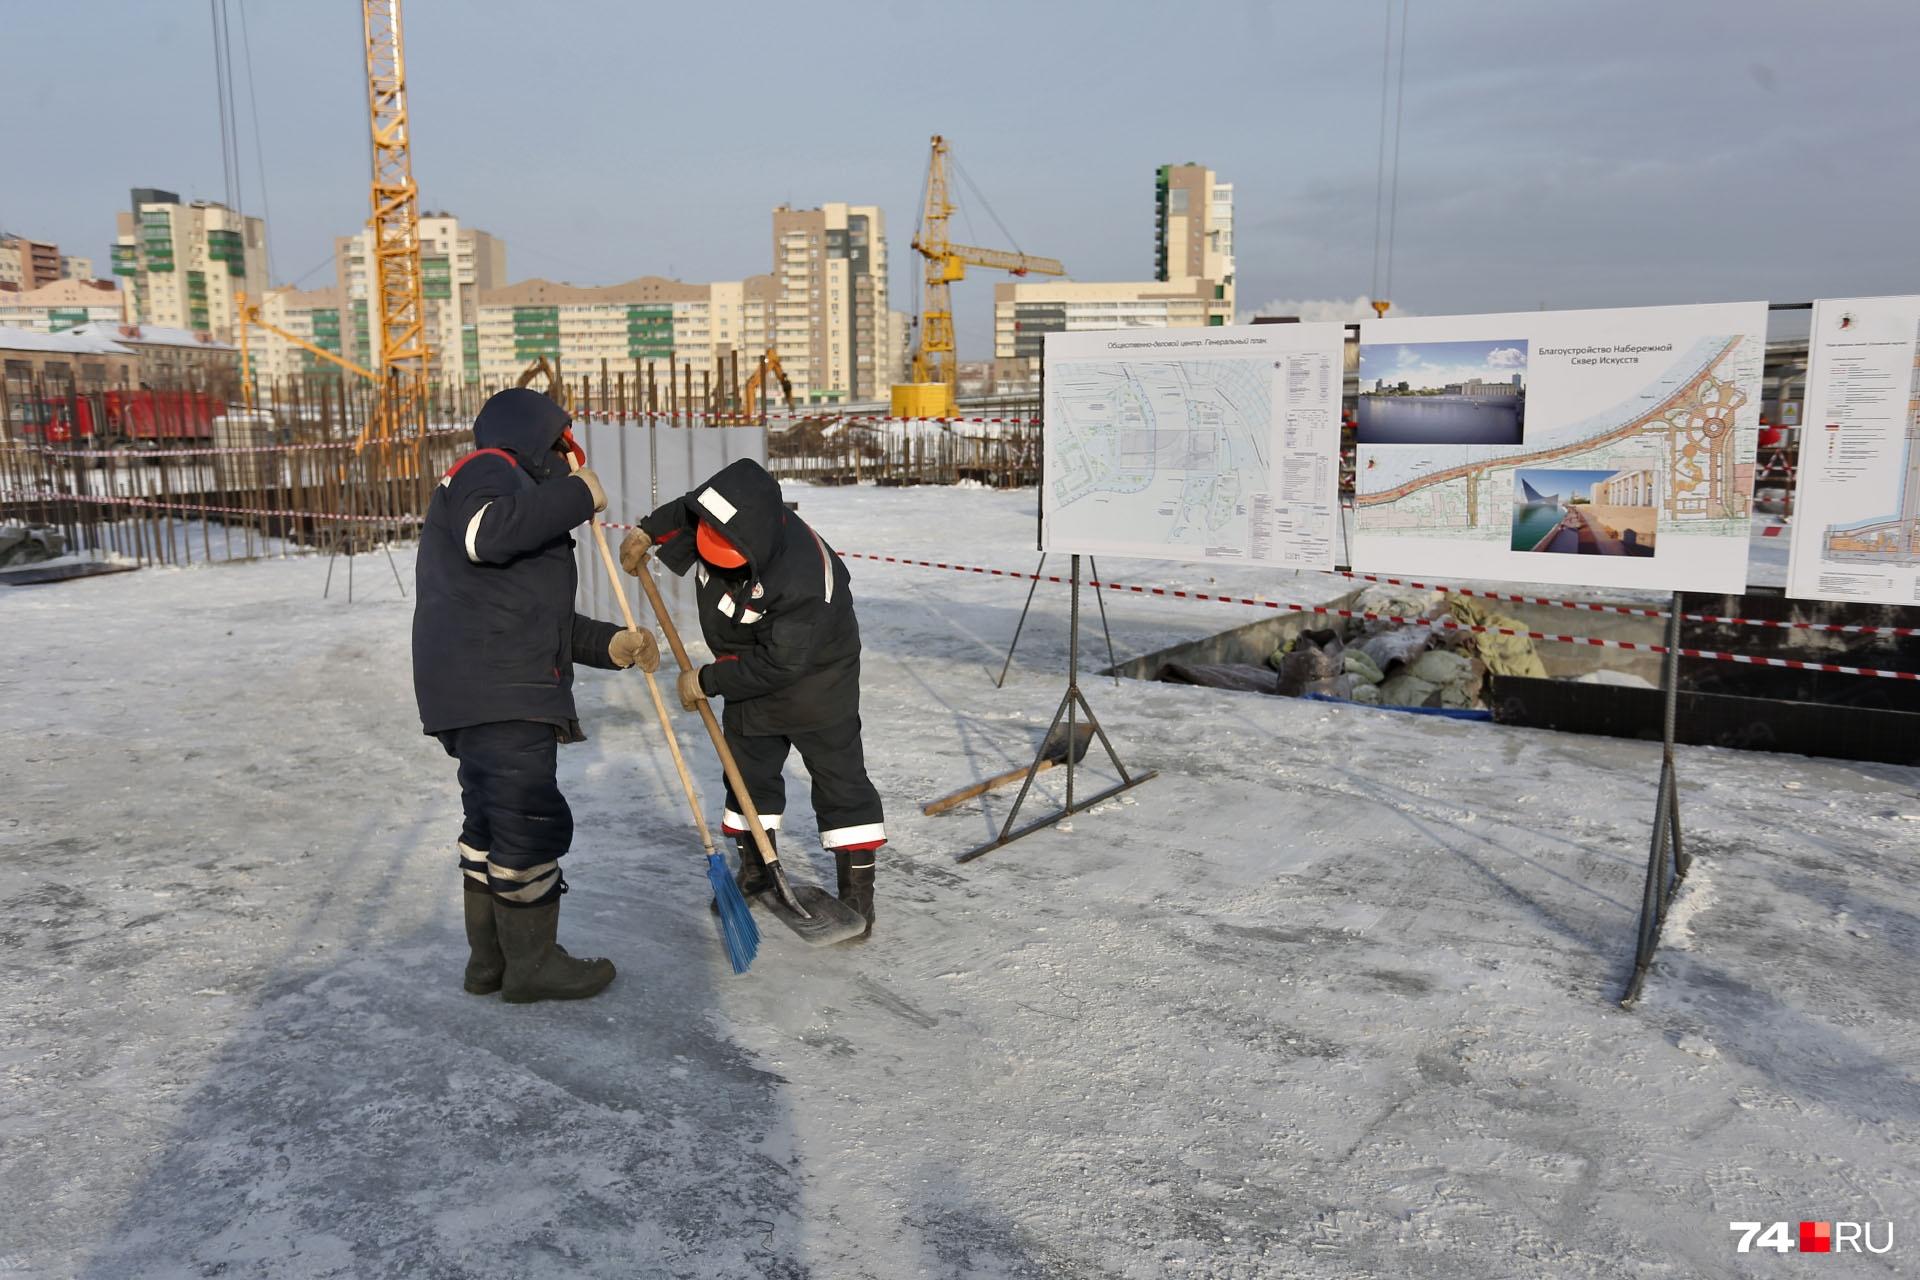 Строители со всей ответственностью подошли к заданию и вычистили пол от снега до бетона